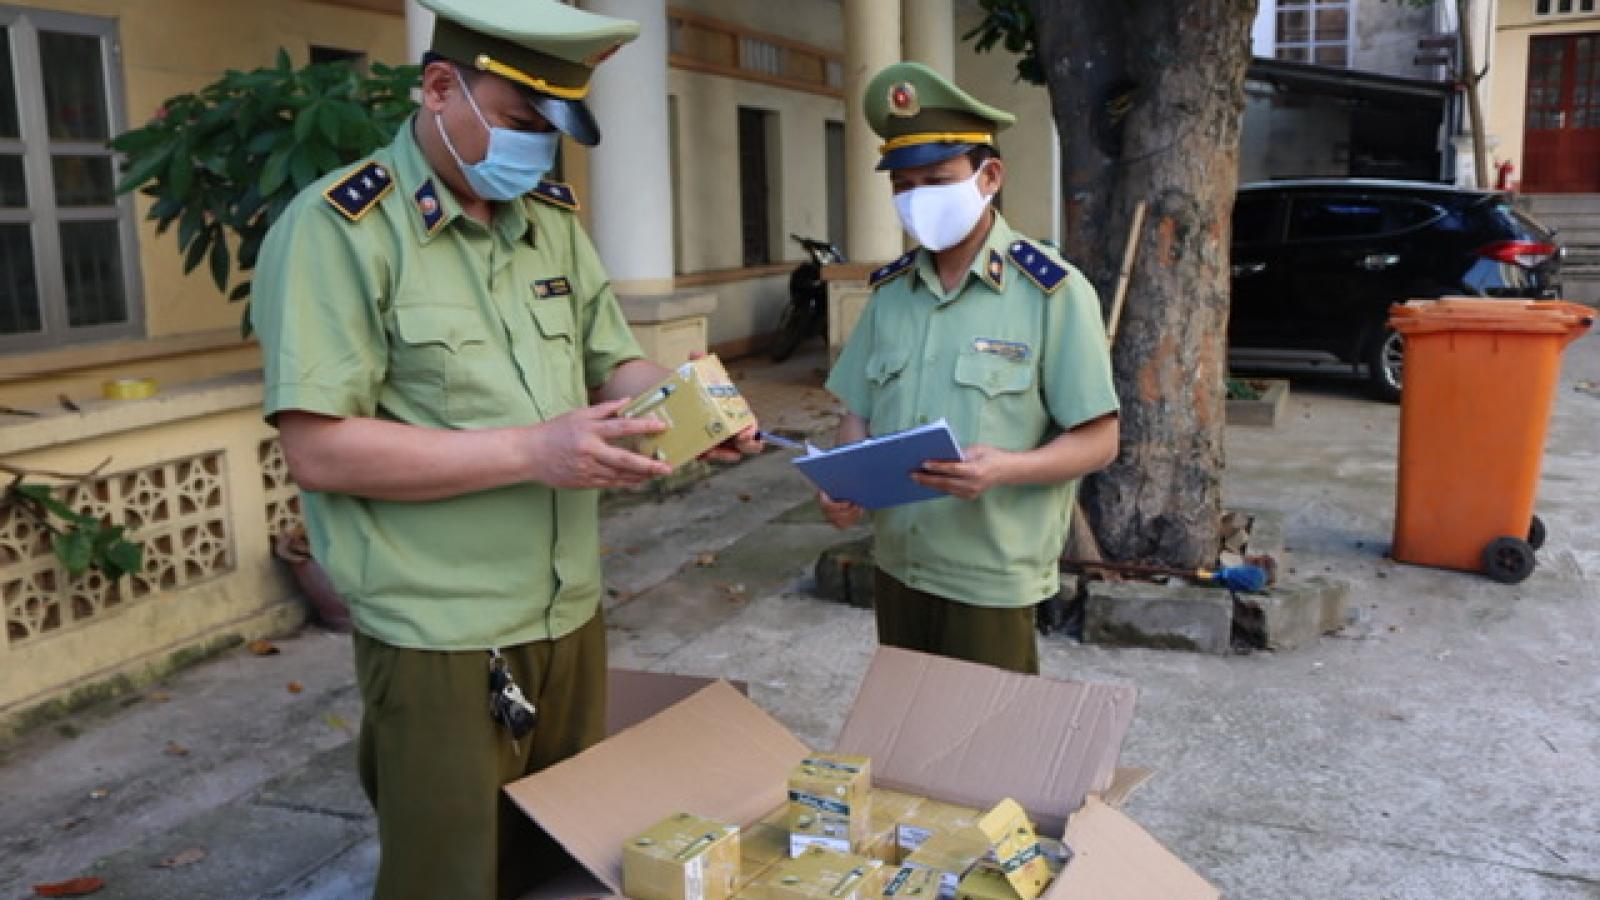 Thu giữ và xử lý hàng nghìn điếu thuốc lá điện tử nhập lậu